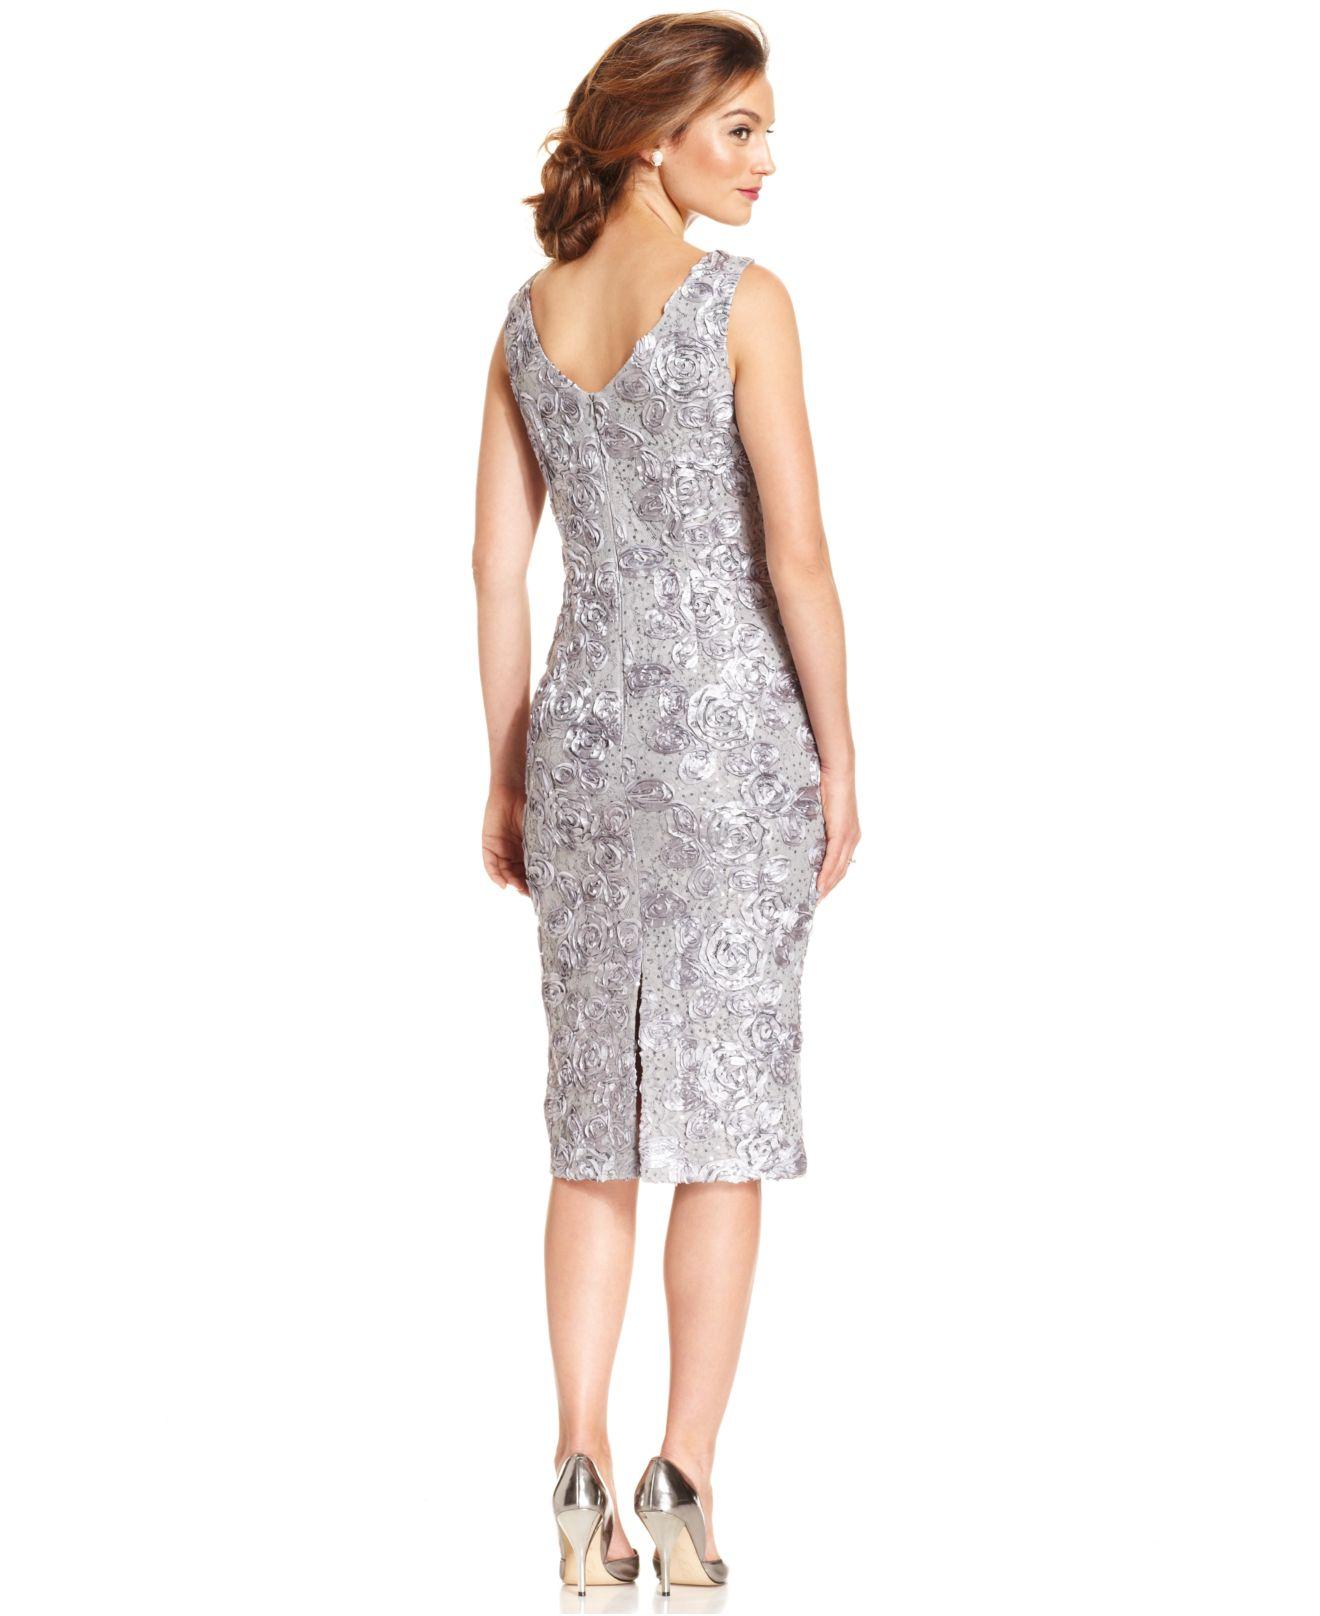 e583437b Alex Evenings Soutache Sequin Lace Midi Dress And Jacket - Lyst